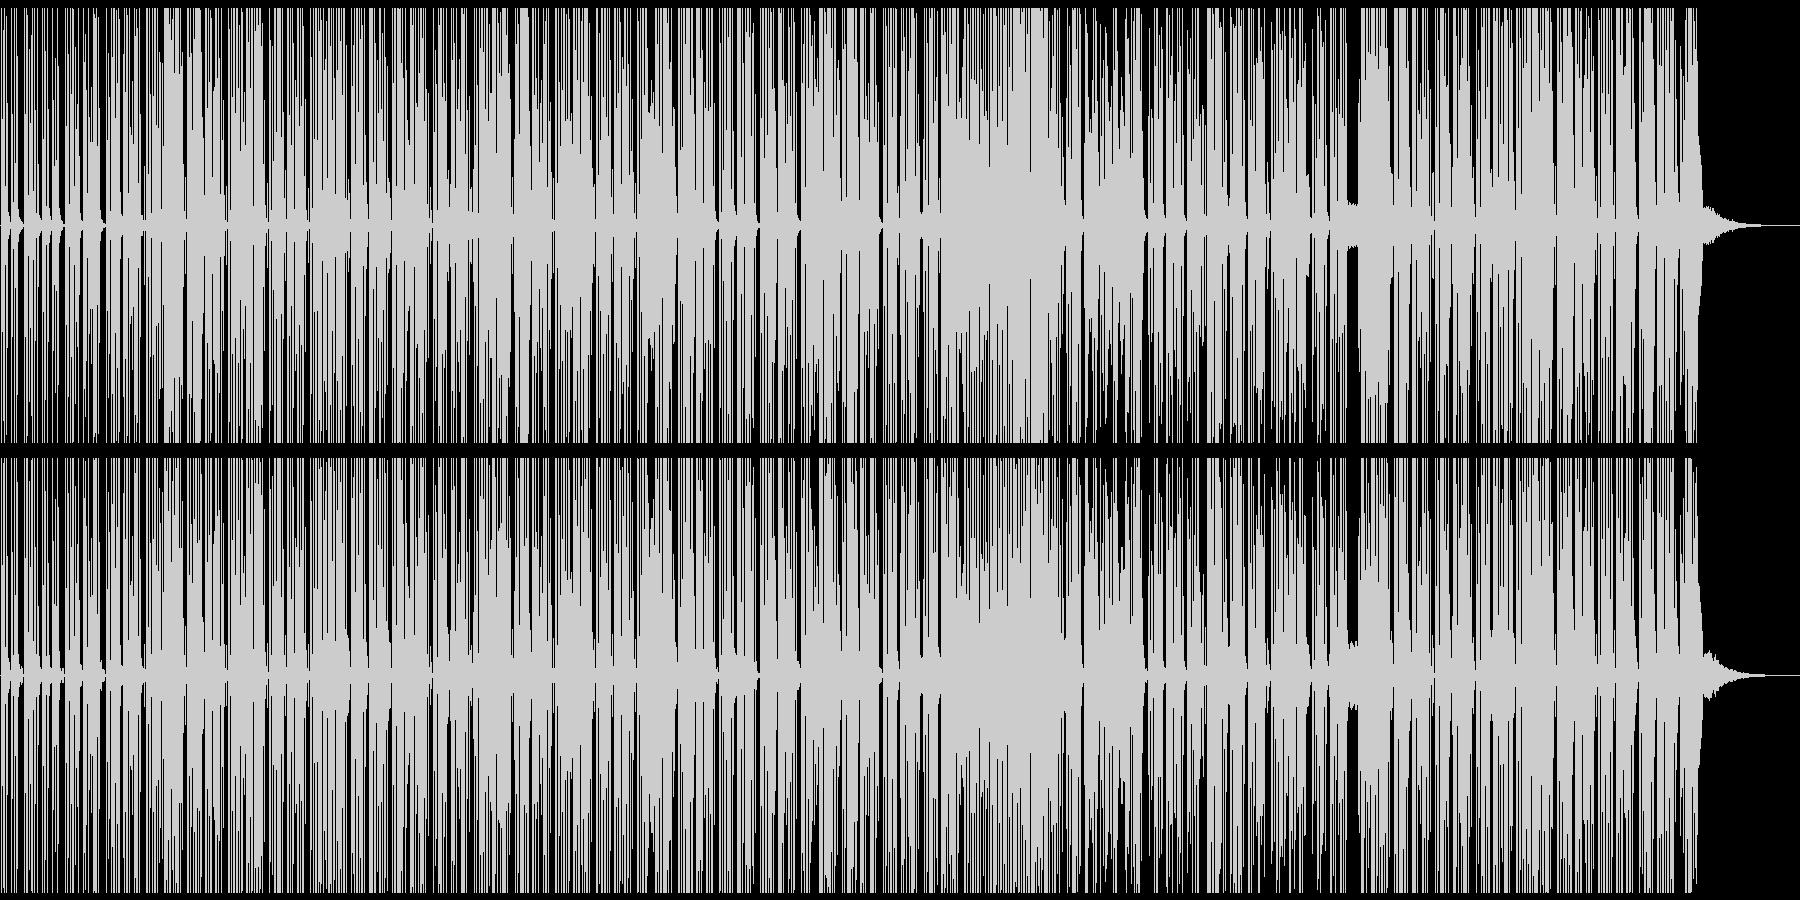 ボサノバ風チャーミングなエレクトロポップの未再生の波形